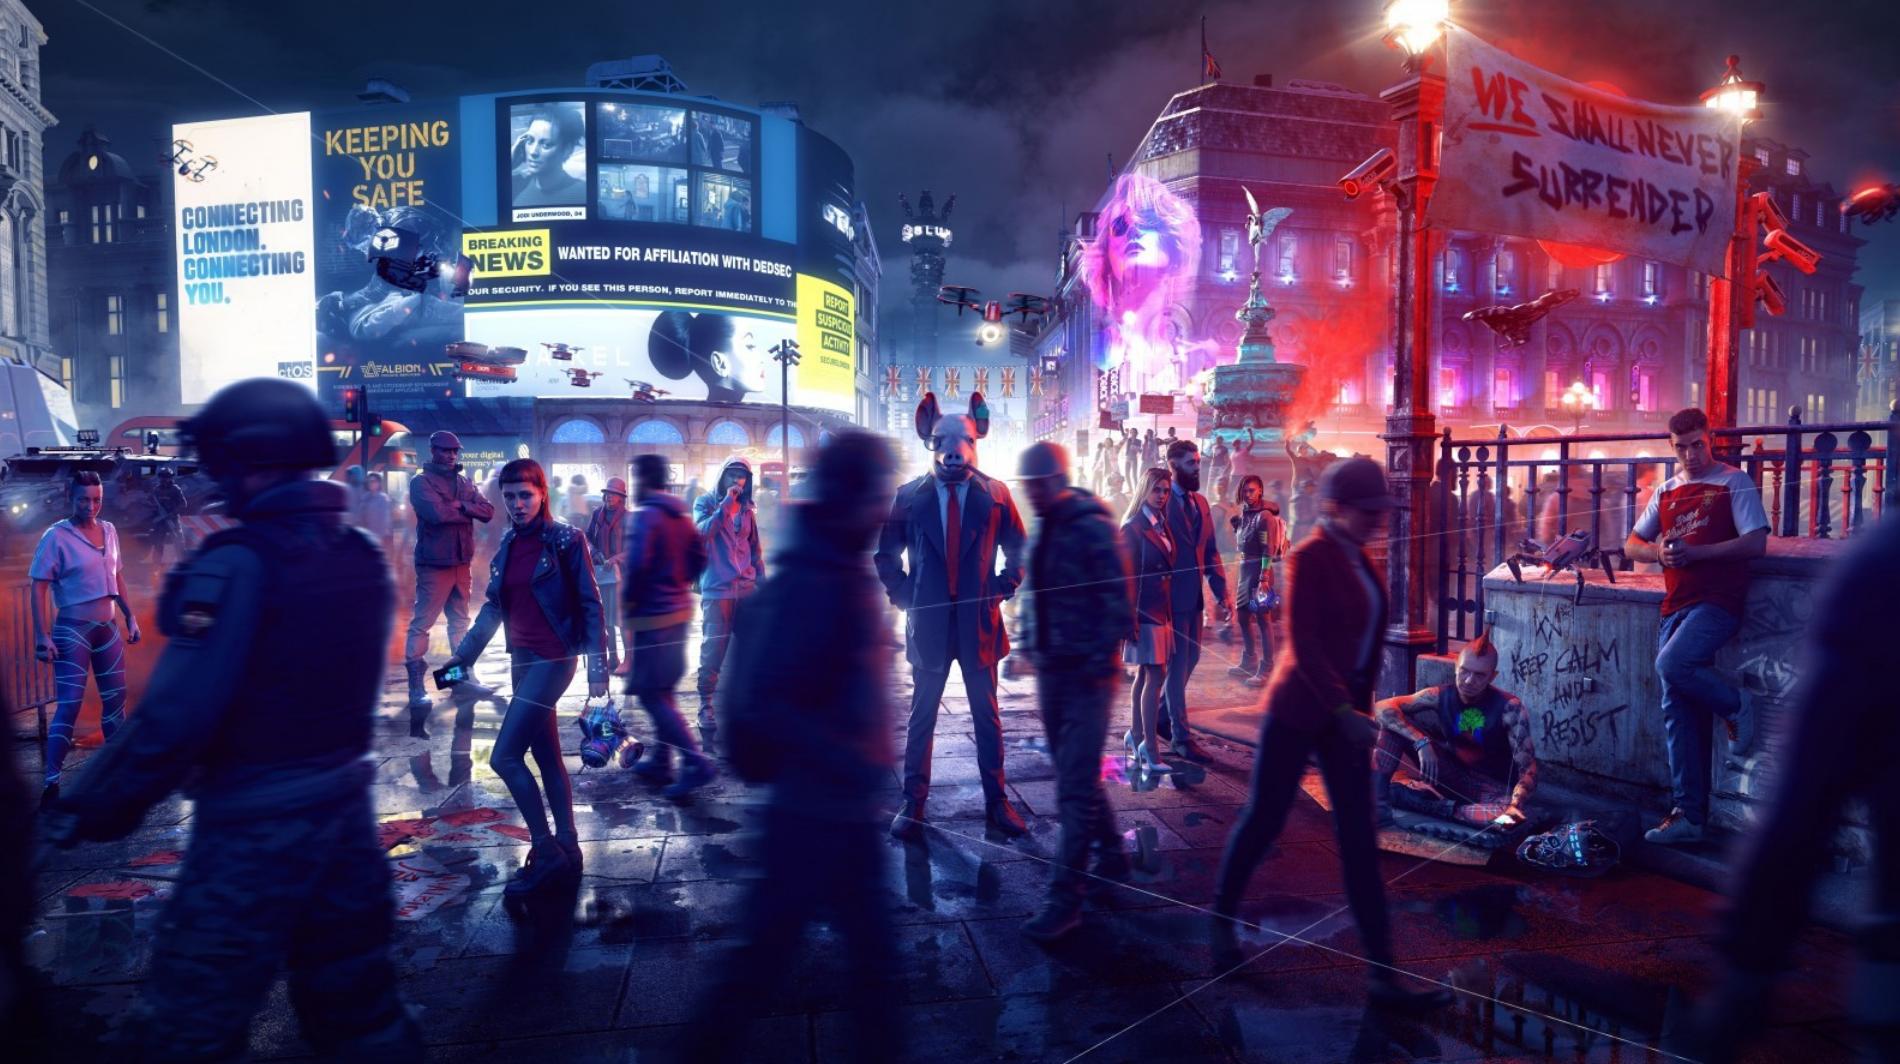 В марте Watch Dogs Legion получит онлайн-режим: не GTA Online, но будут кооперативные миссии и битвы роботов